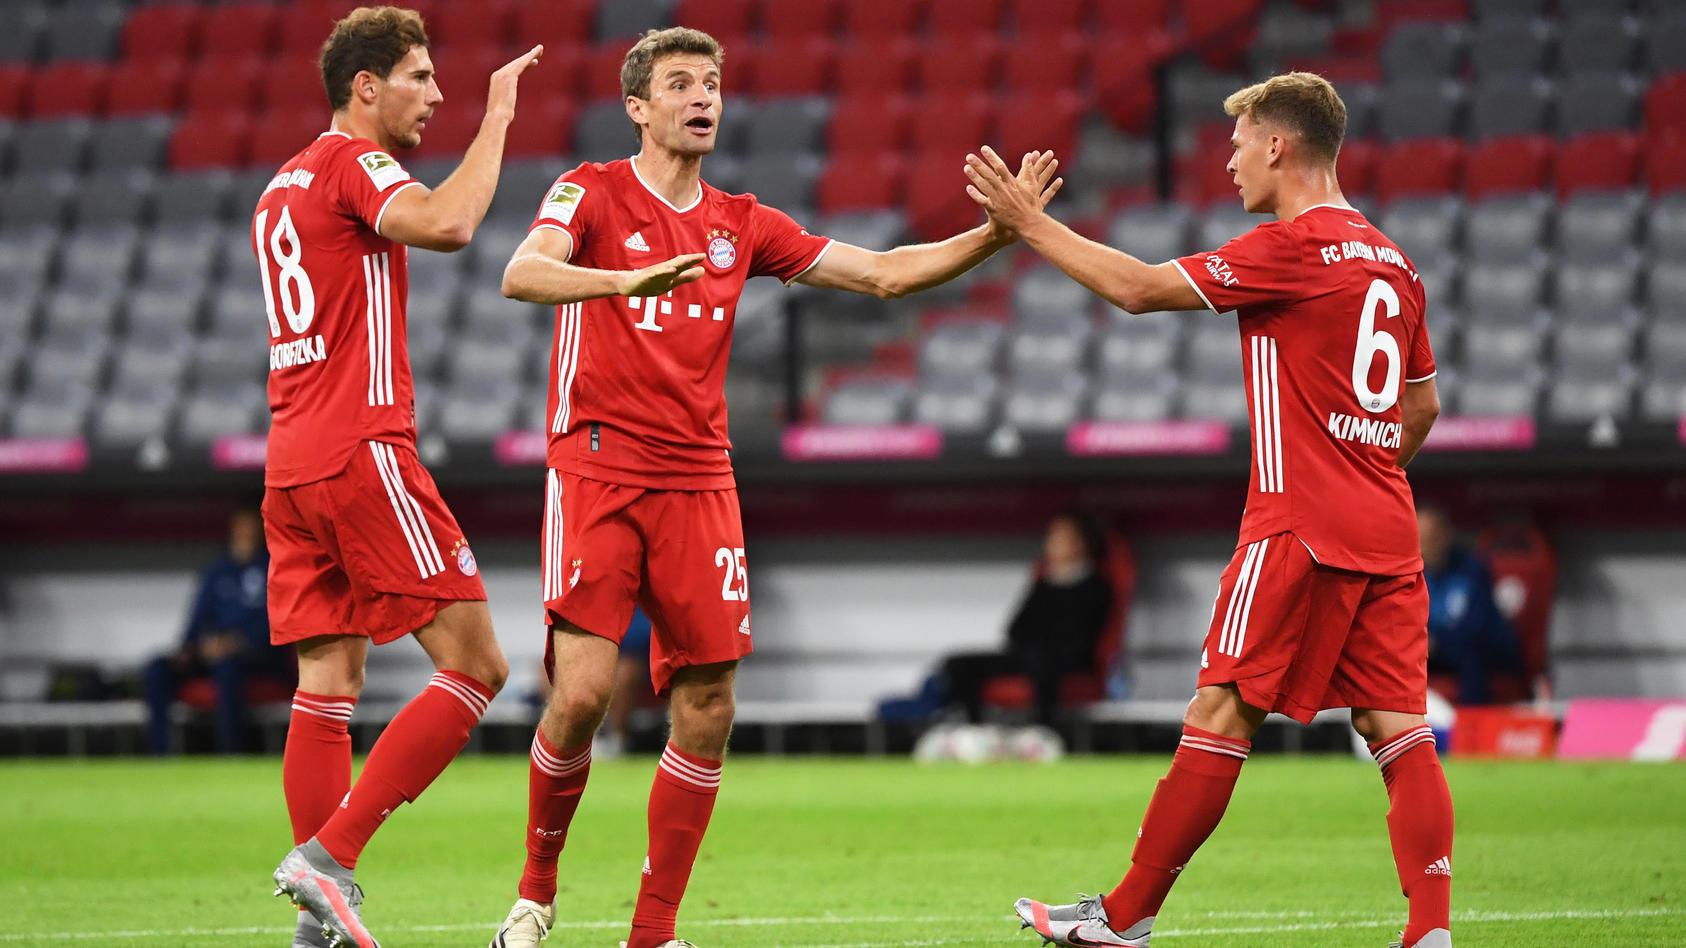 Die Bayern-Stars Leon Goretzka (von links), Thomas Müller und Joshua Kimmich klatschen sich nach dem 2:0 ab.